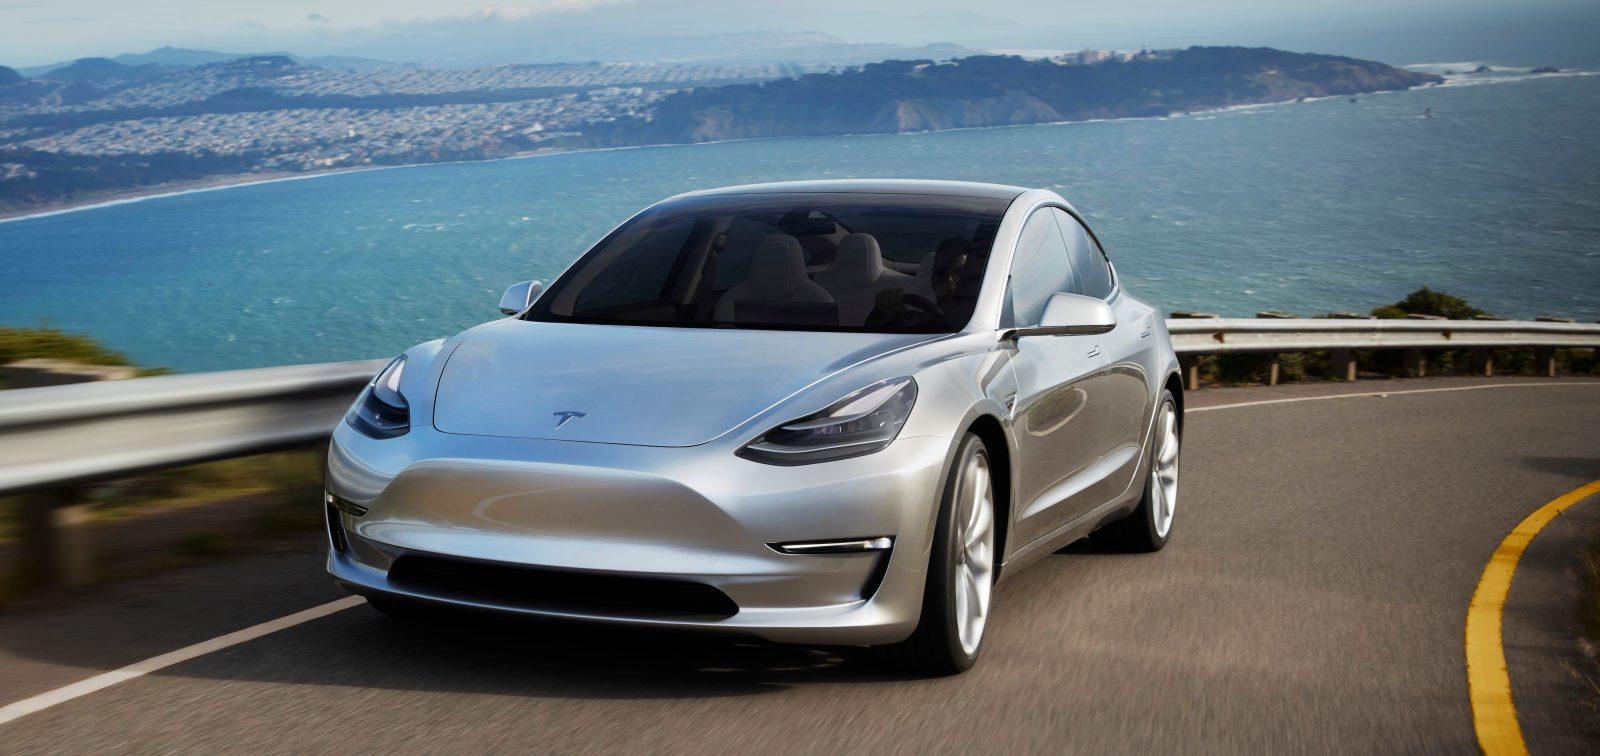 Соучредитель Tesla Мартин Эберхард на тему роста продаж электрокаров: видео